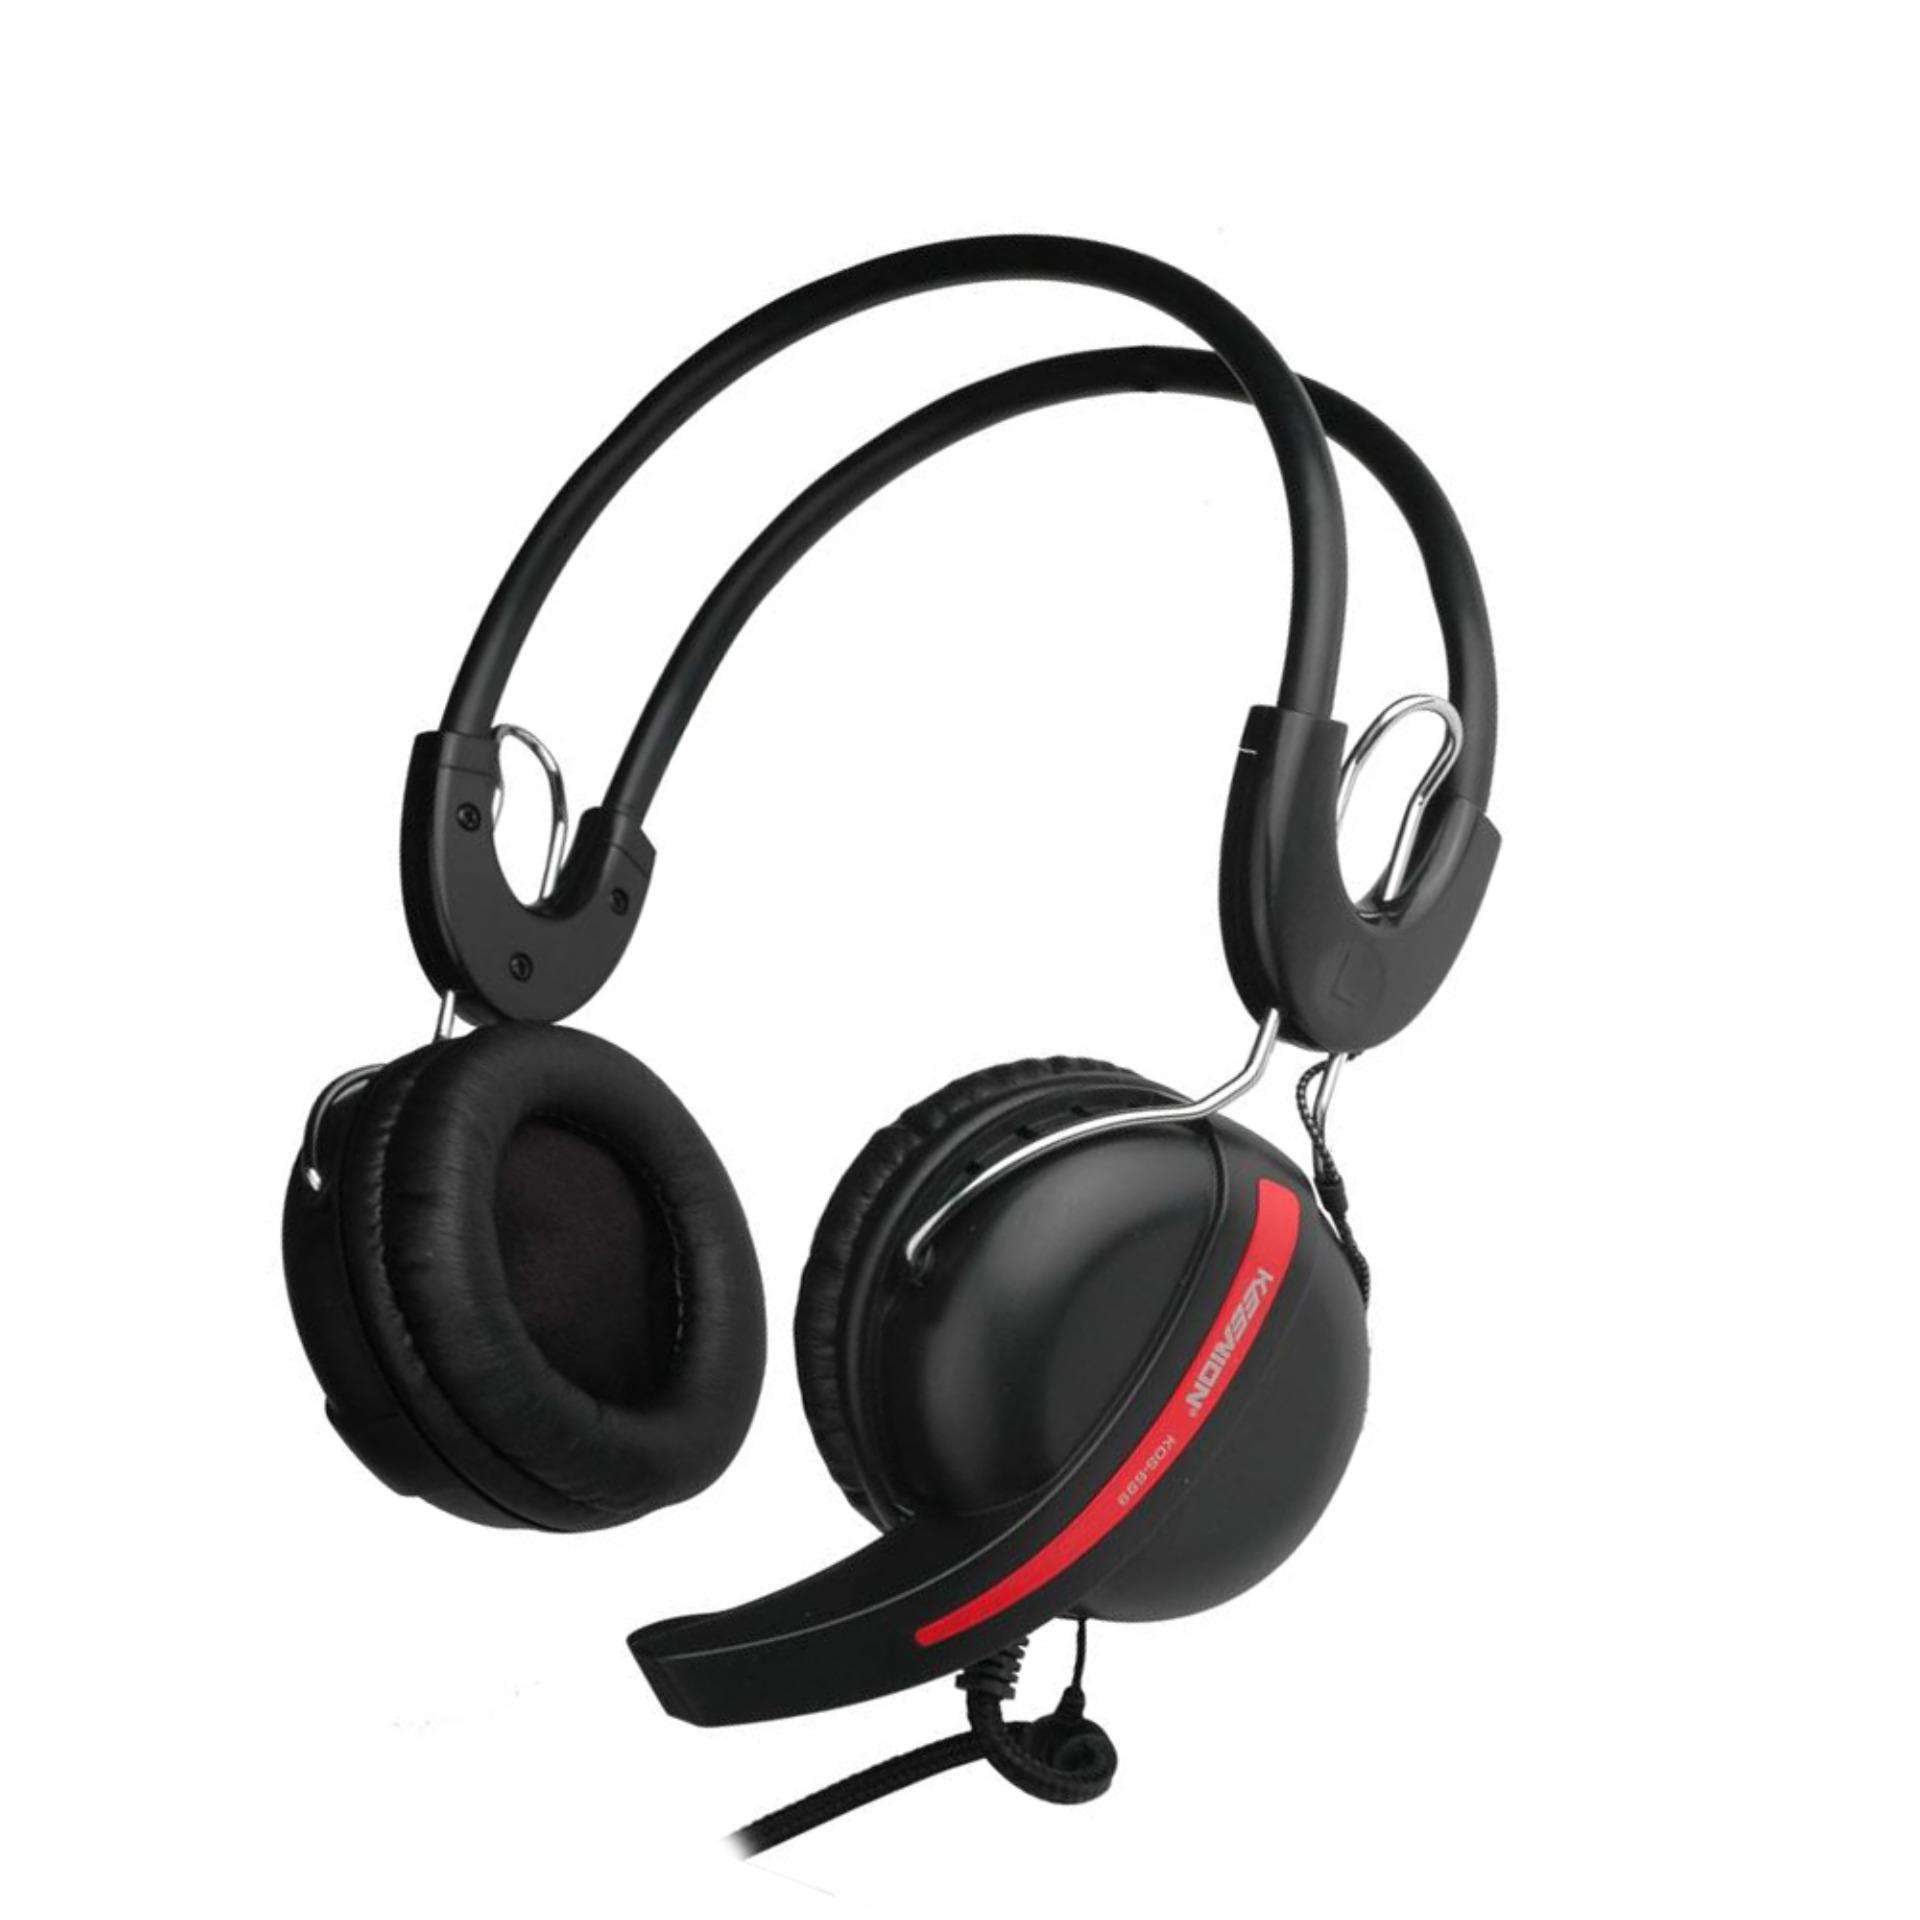 Keenion Headset Kos 699 Hitam Daftar Update Harga Terbaru Dan 803 Headphone Original Blue